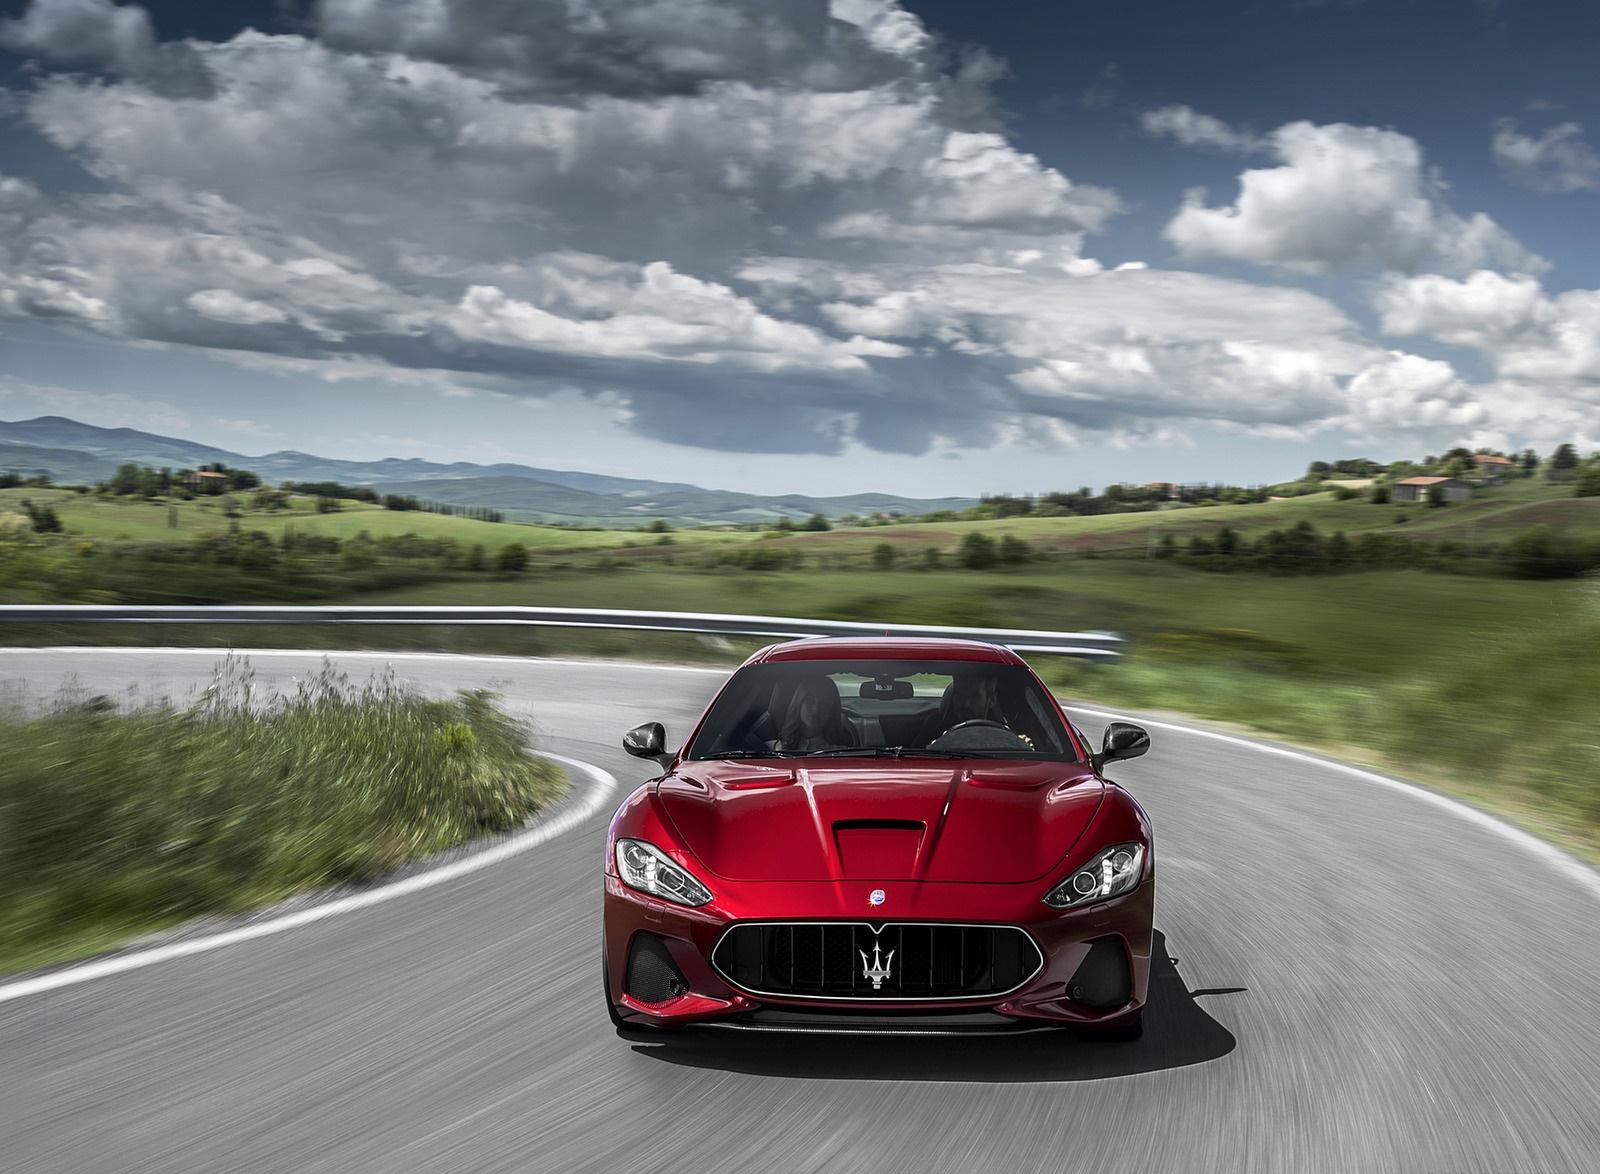 2018 Maserati GranTurismo MC Sport Line Front Wallpapers (4)